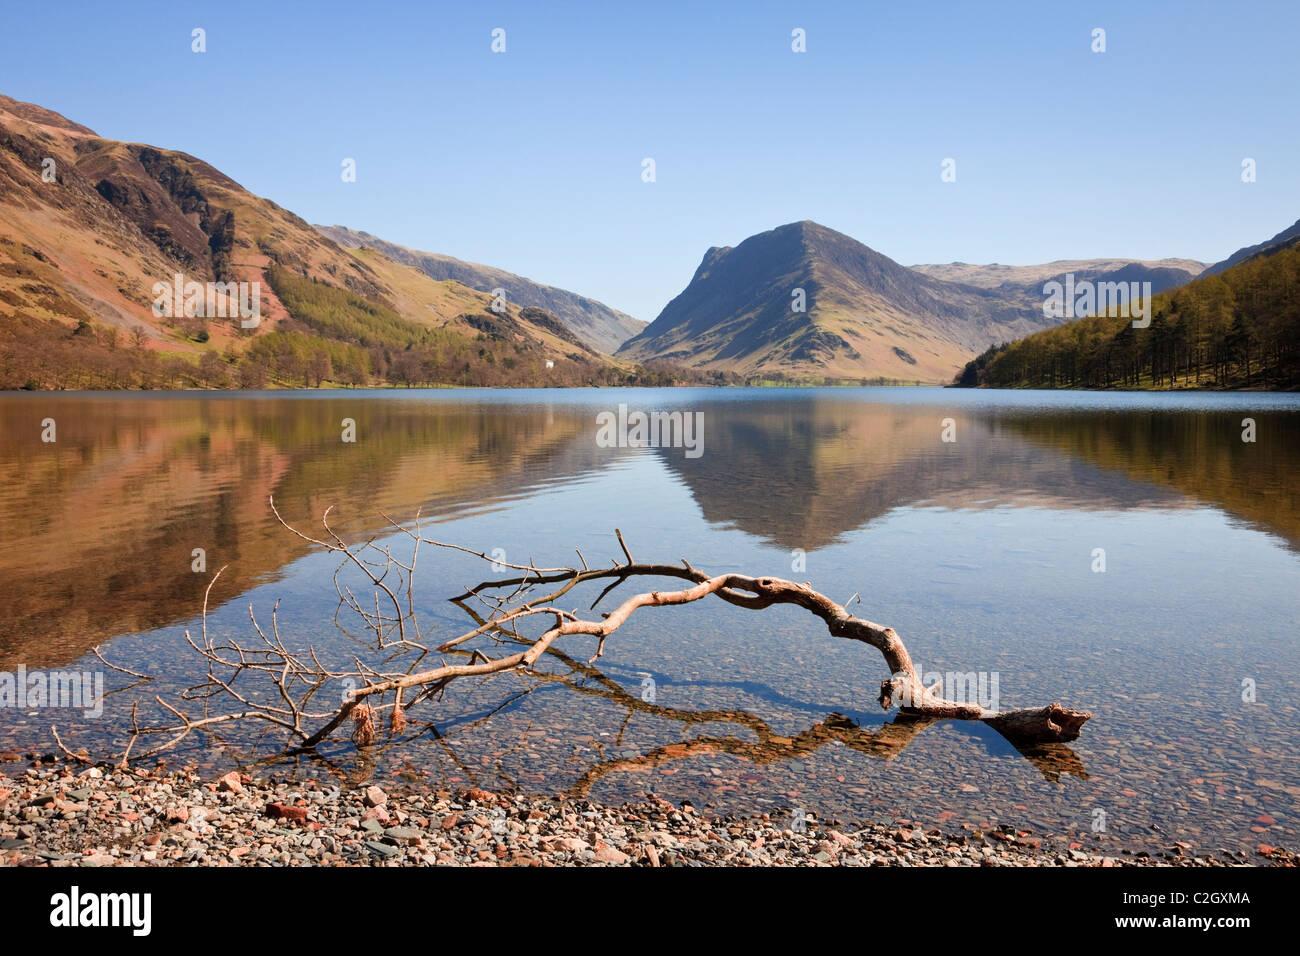 Vistas panorámicas a la montaña Fleetwith Pike reflejado en el lago Buttermere en inglés Lake District Imagen De Stock